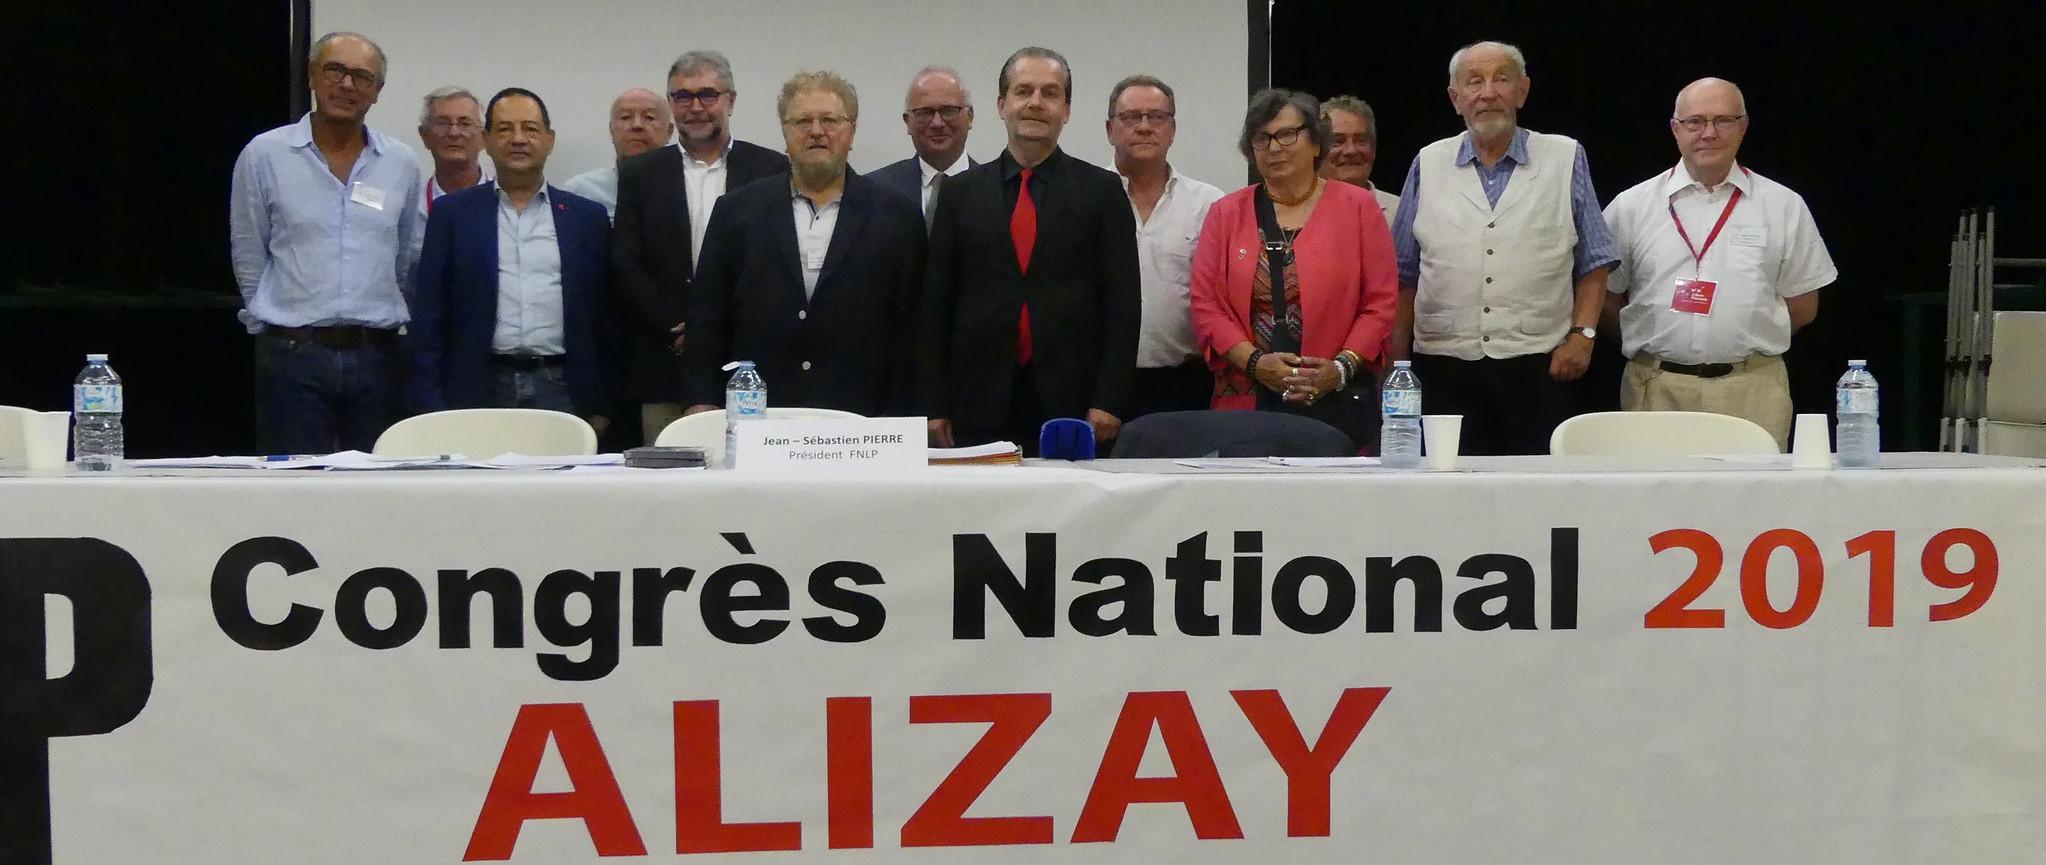 Les associations amies au congrès national d'Alizay (2019)